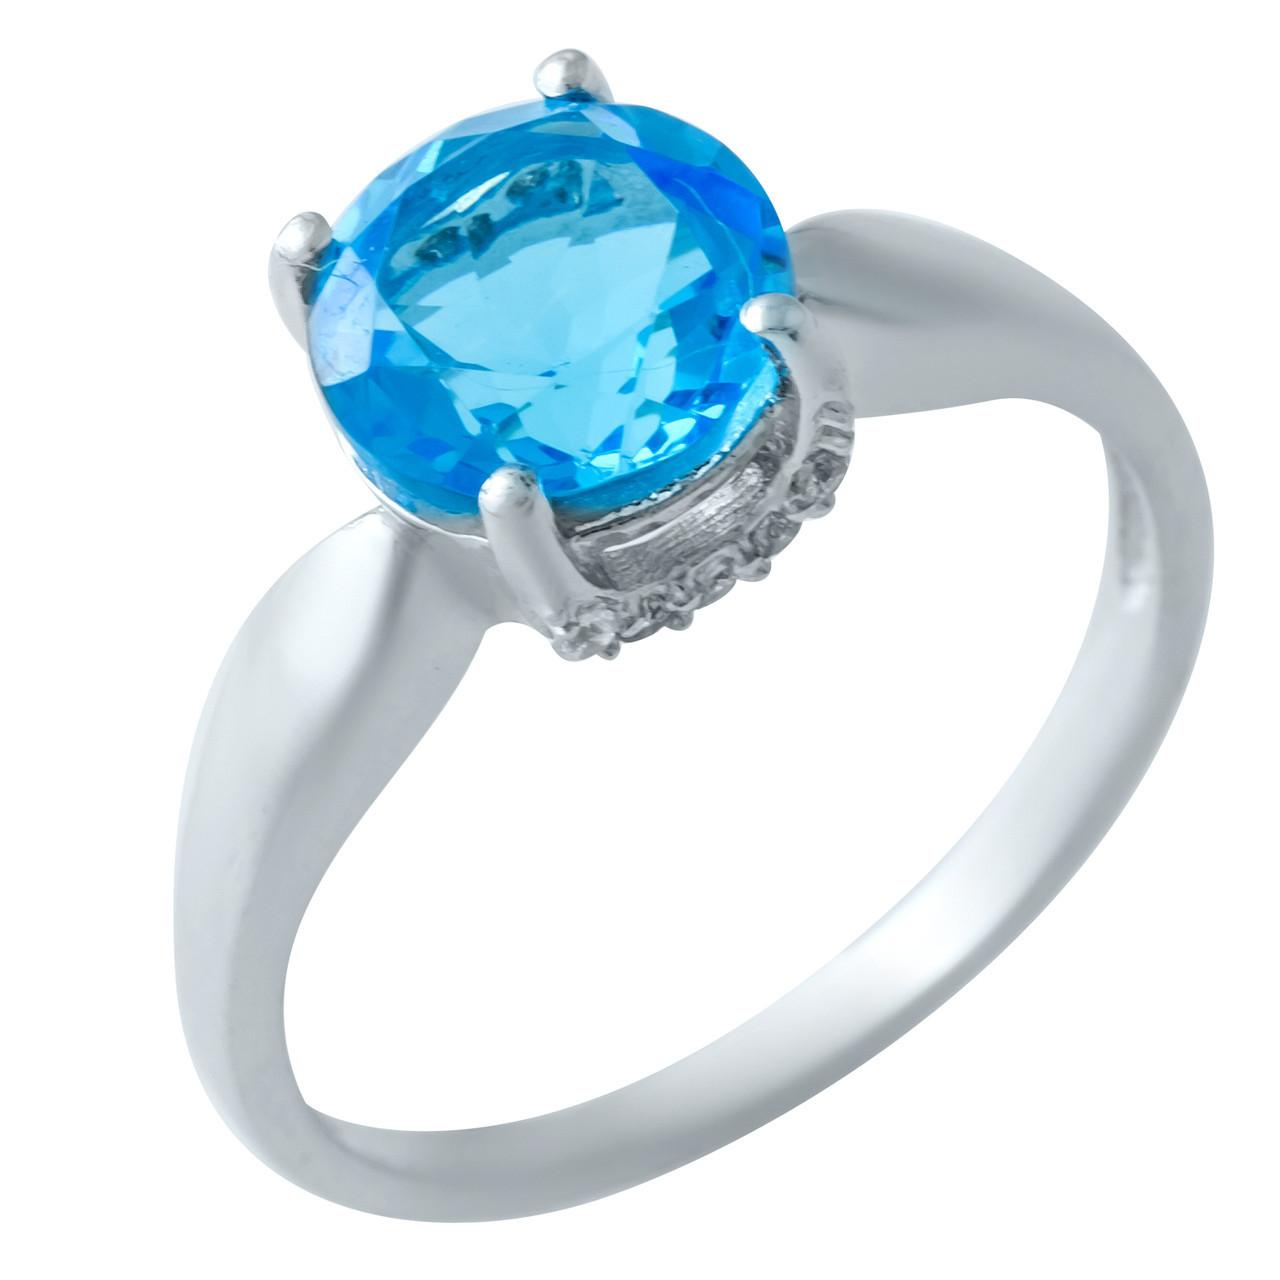 Родированное серебряное кольцо 925 пробы с аквамарином nano